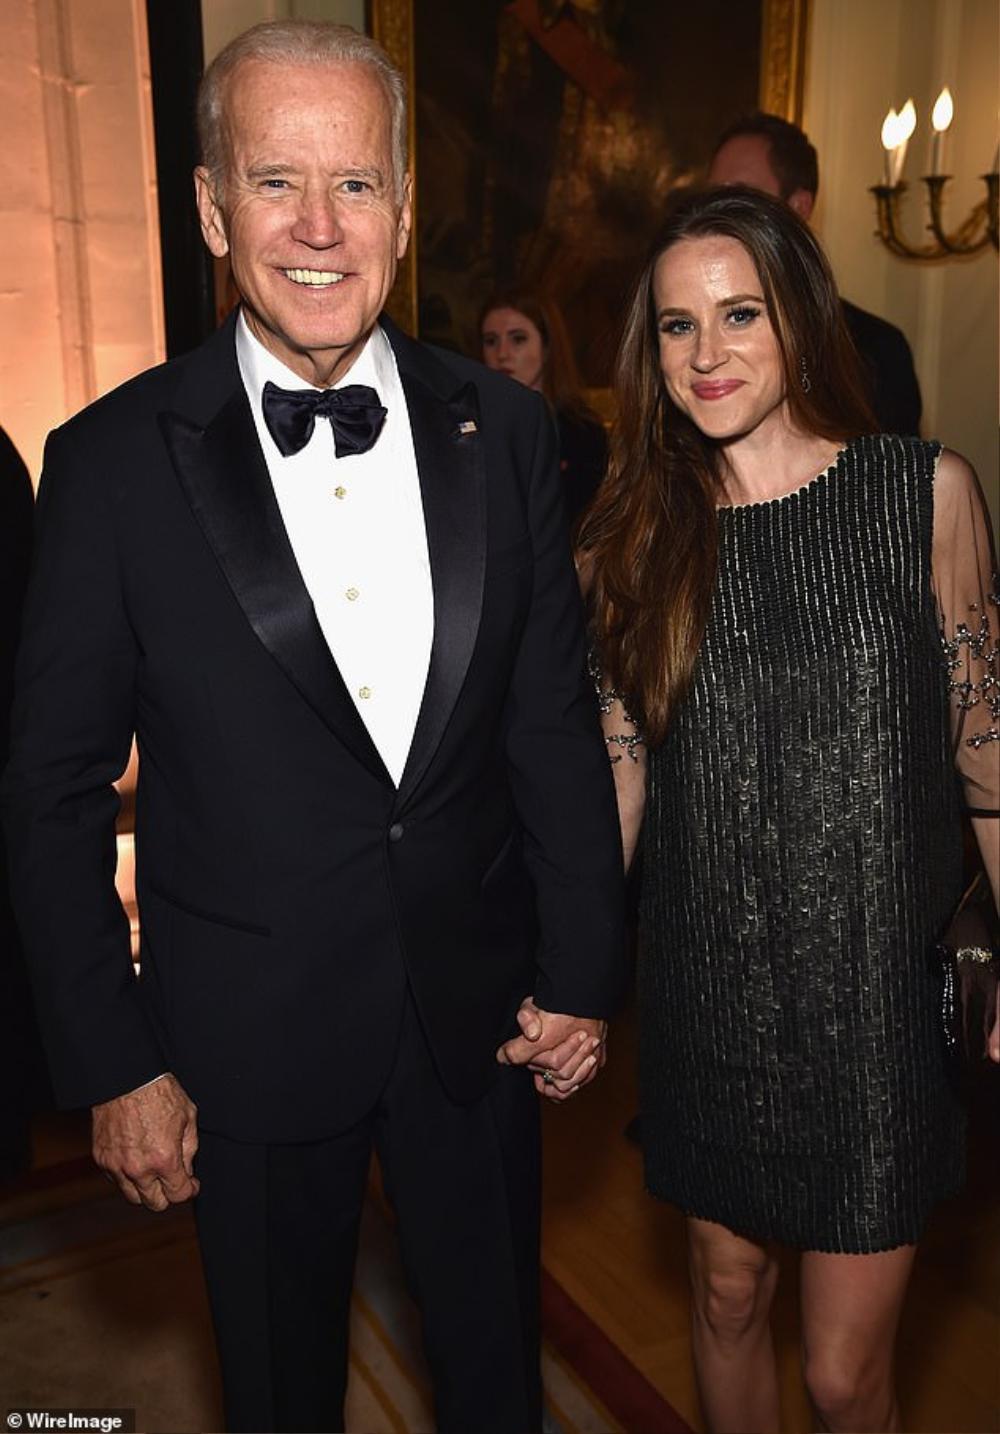 Ái nữ duy nhất của ông Joe Biden là người như thế nào? Ảnh 1